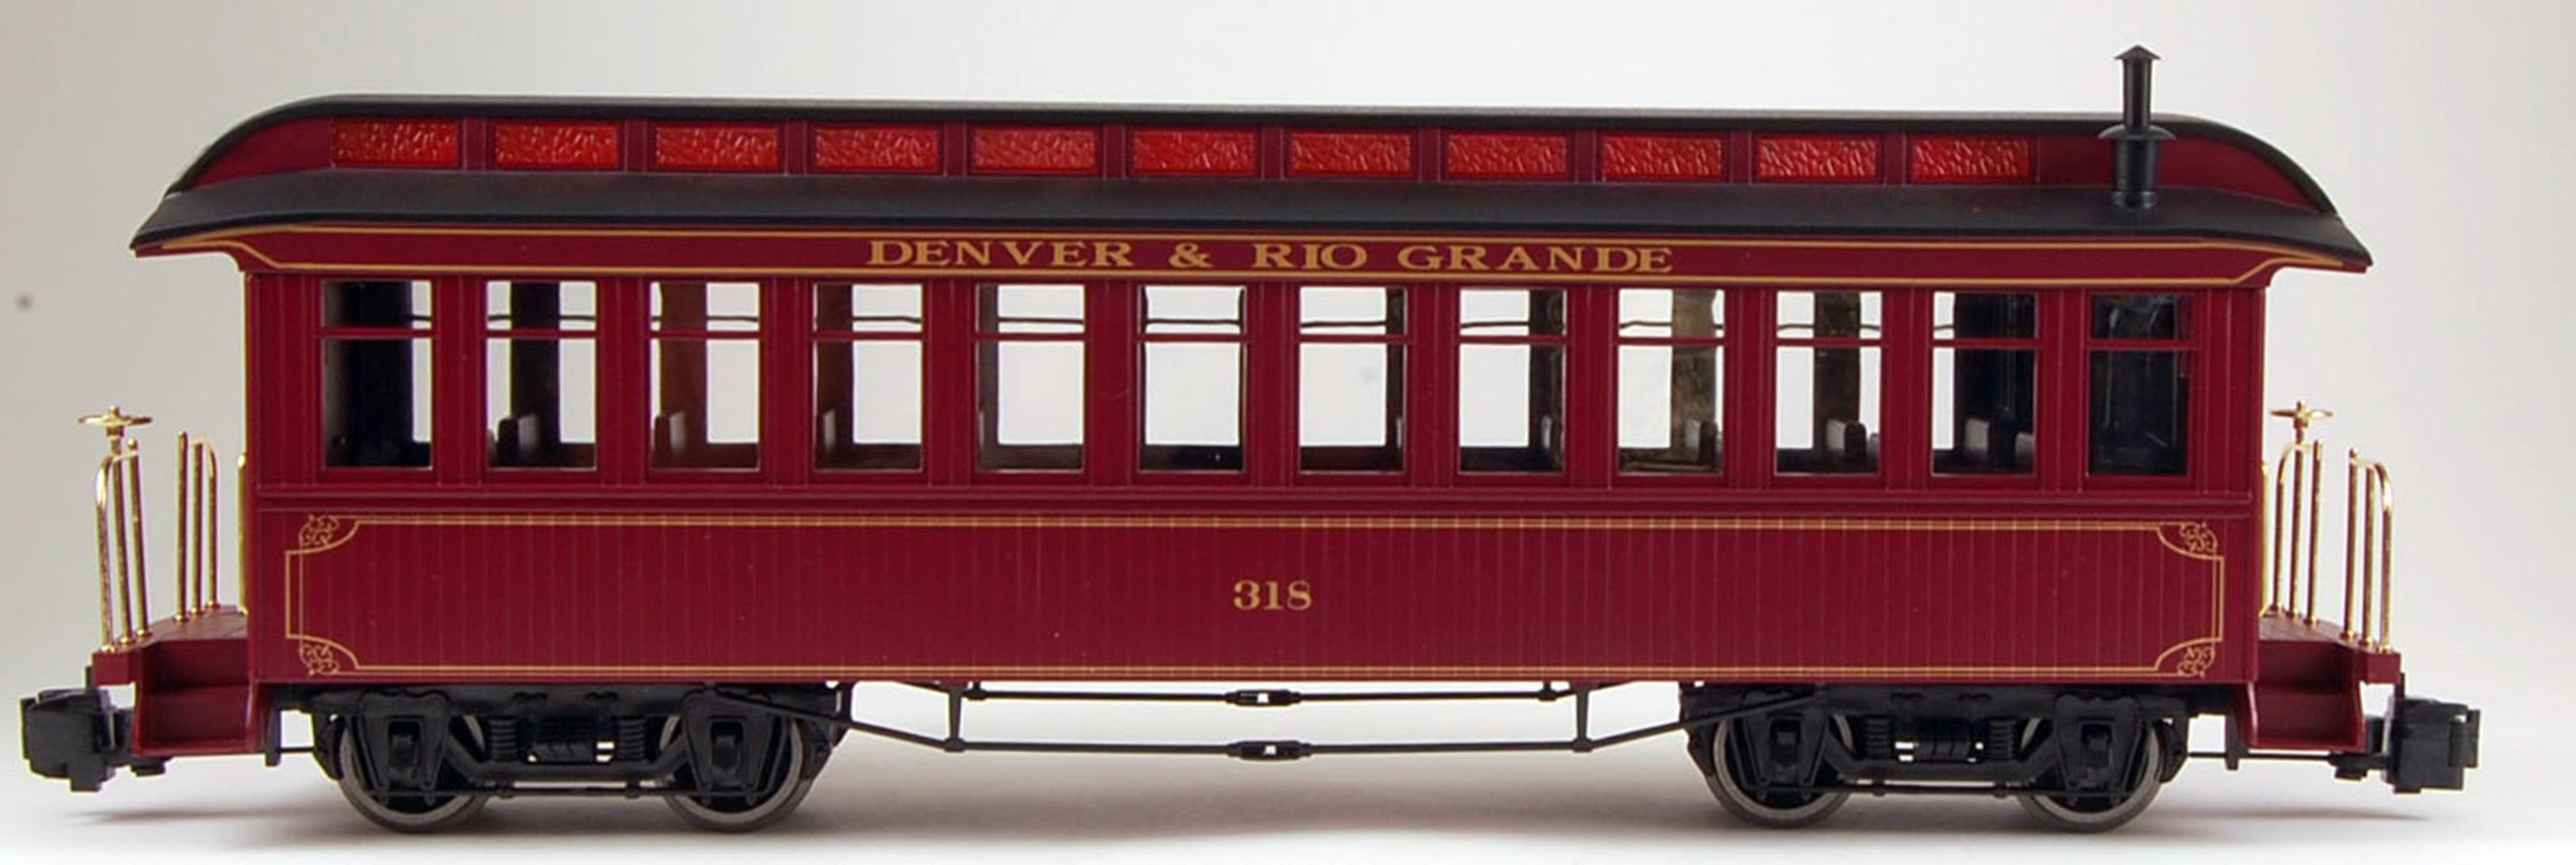 Bachmann G Scale (1:22.5 Train Coach Denver & Rio Grande 97206 by Bachmann